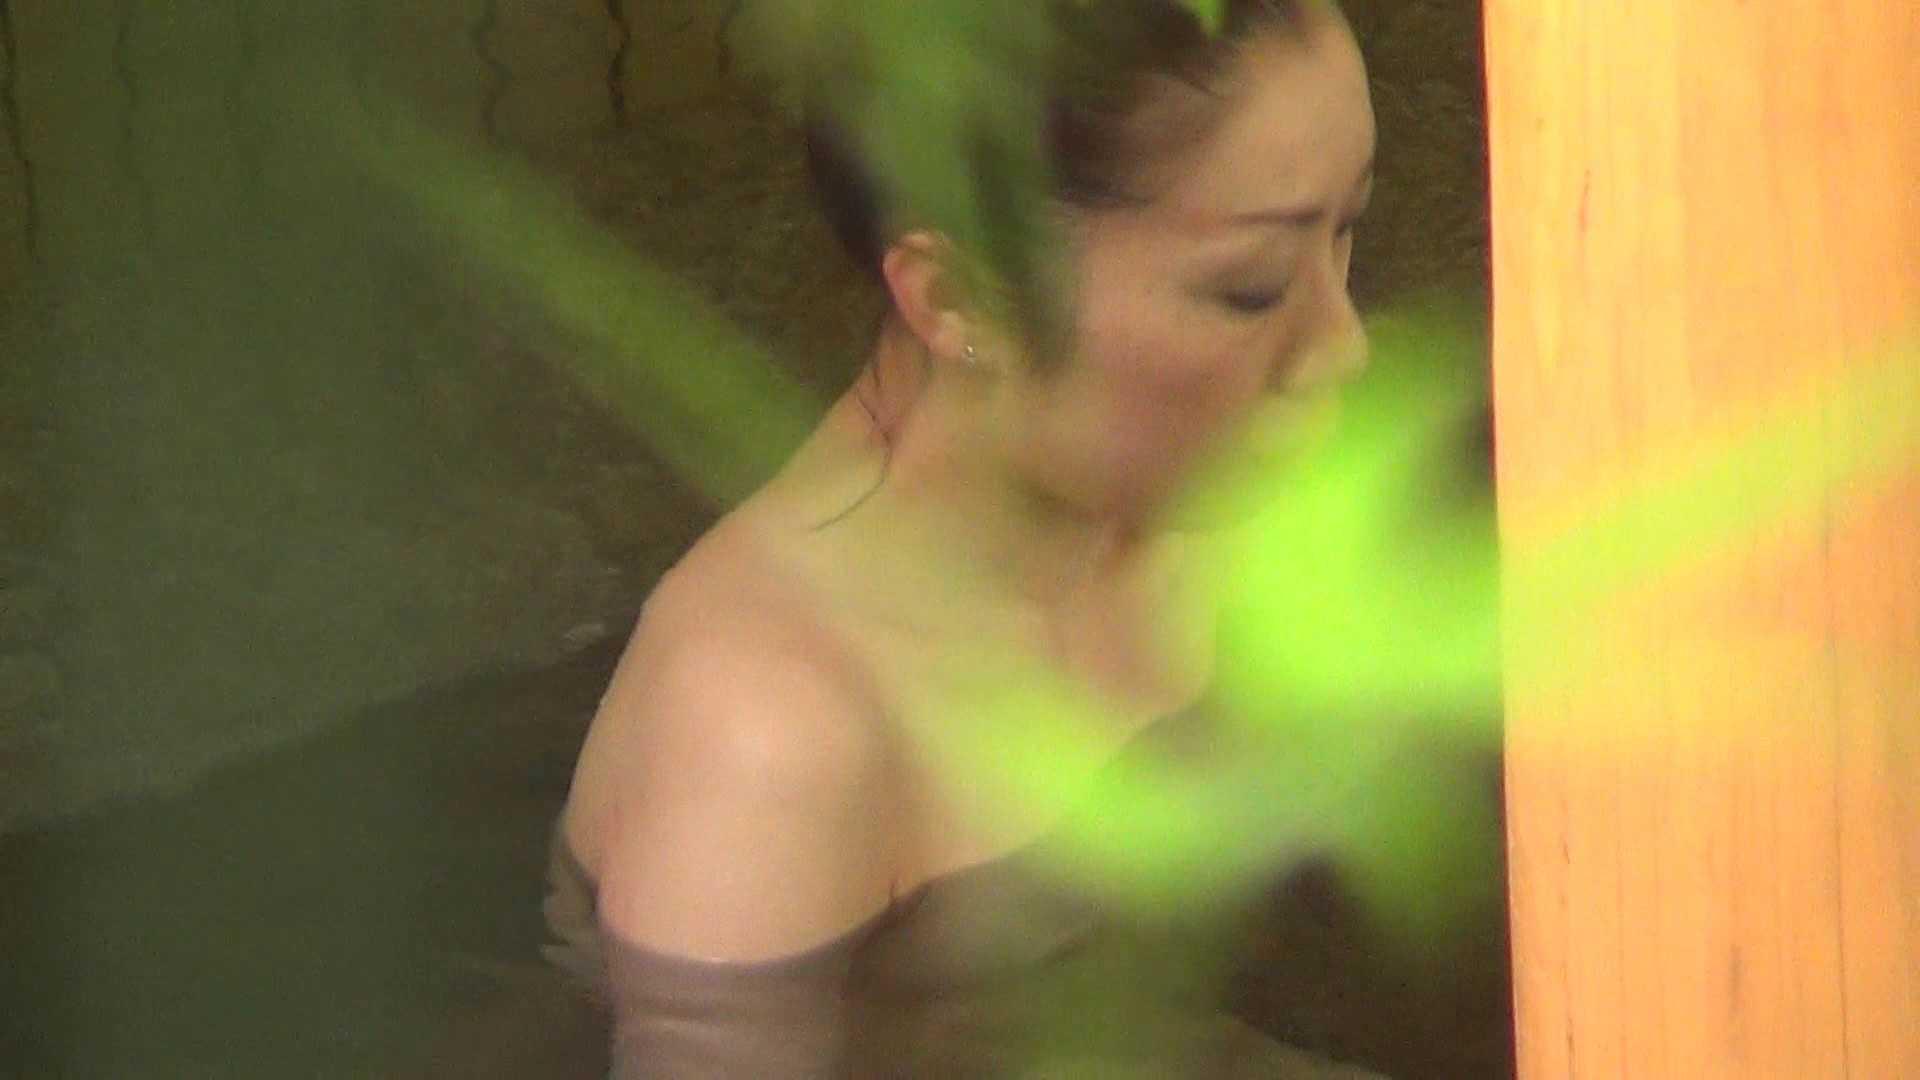 ハイビジョンVol.27 アナルも化粧もケバイ! OL | 露天風呂の女達  61連発 11